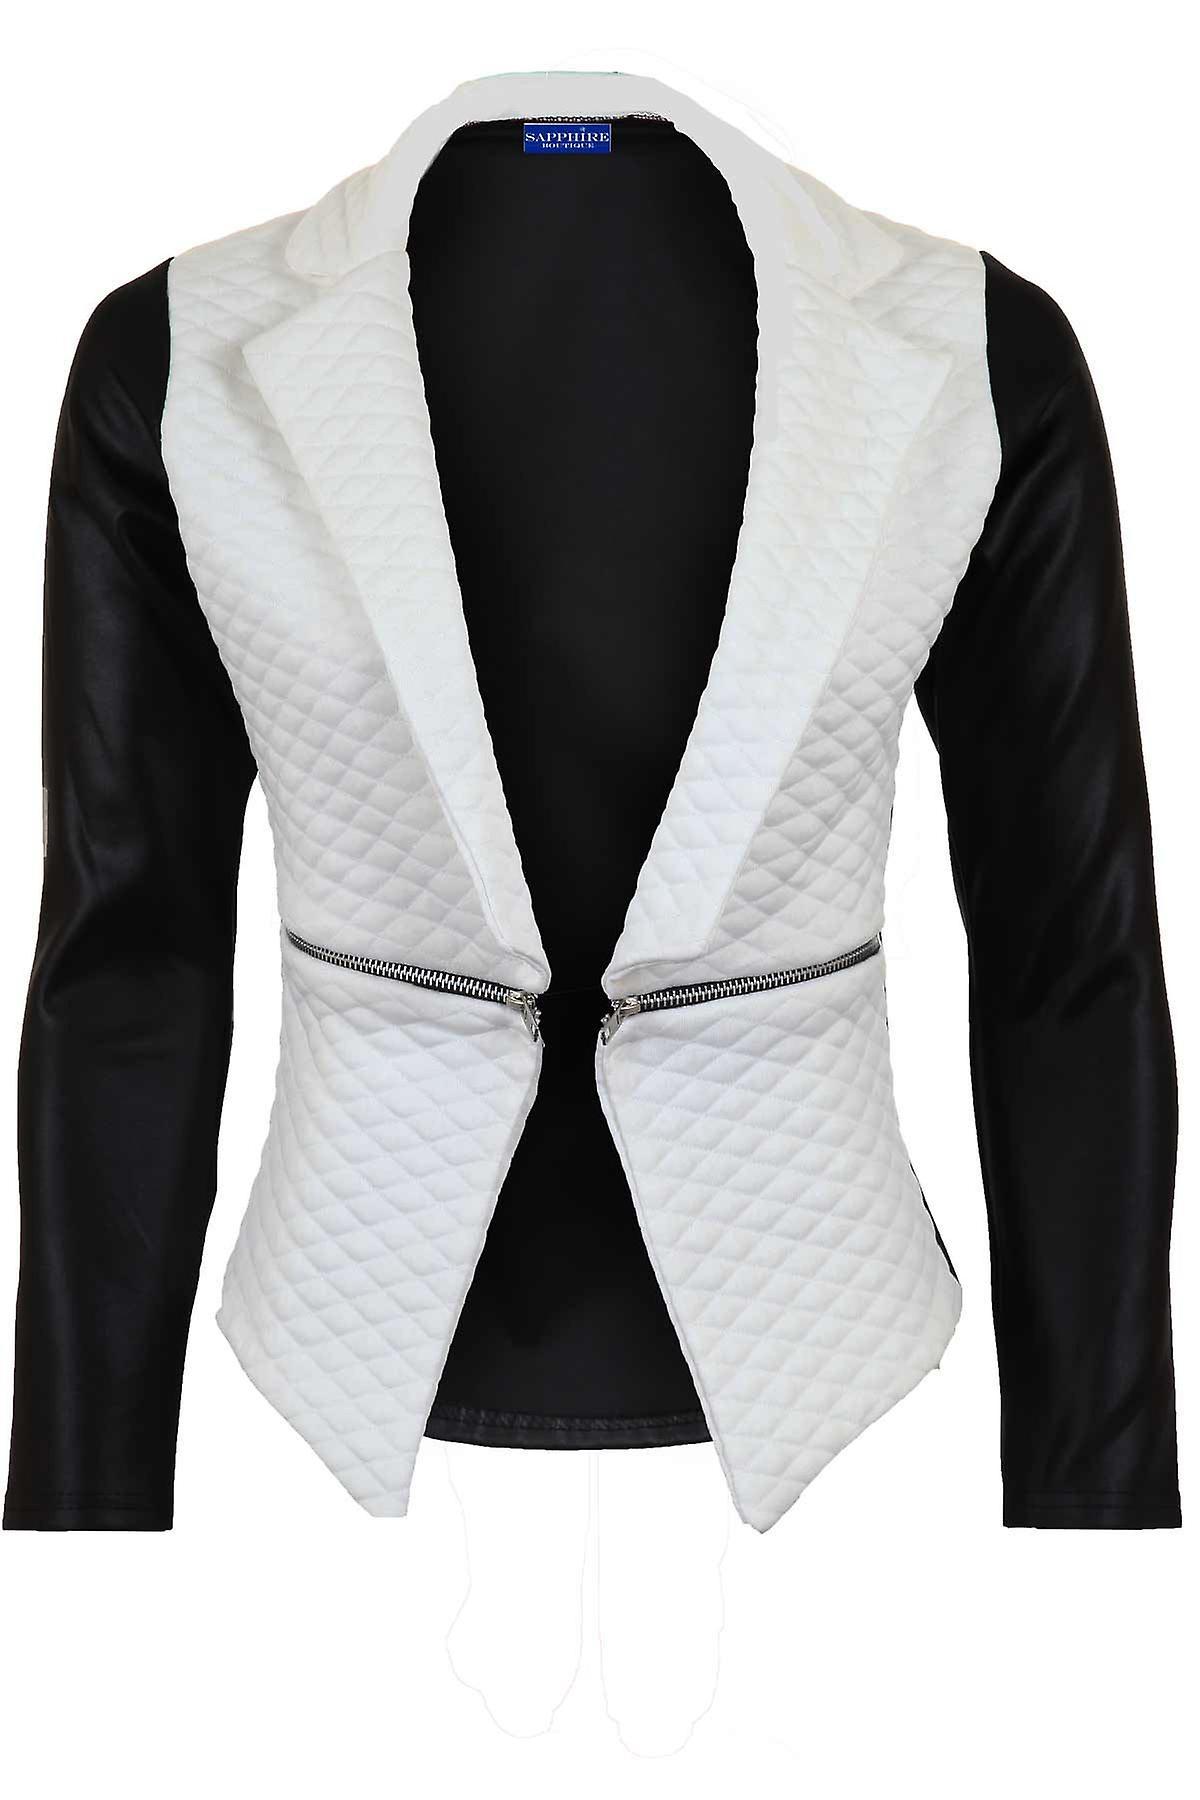 Hyvät tikattu PVC Wet Look Pitkähihaiset korkea alhainen Zip Naisten takki Blazer